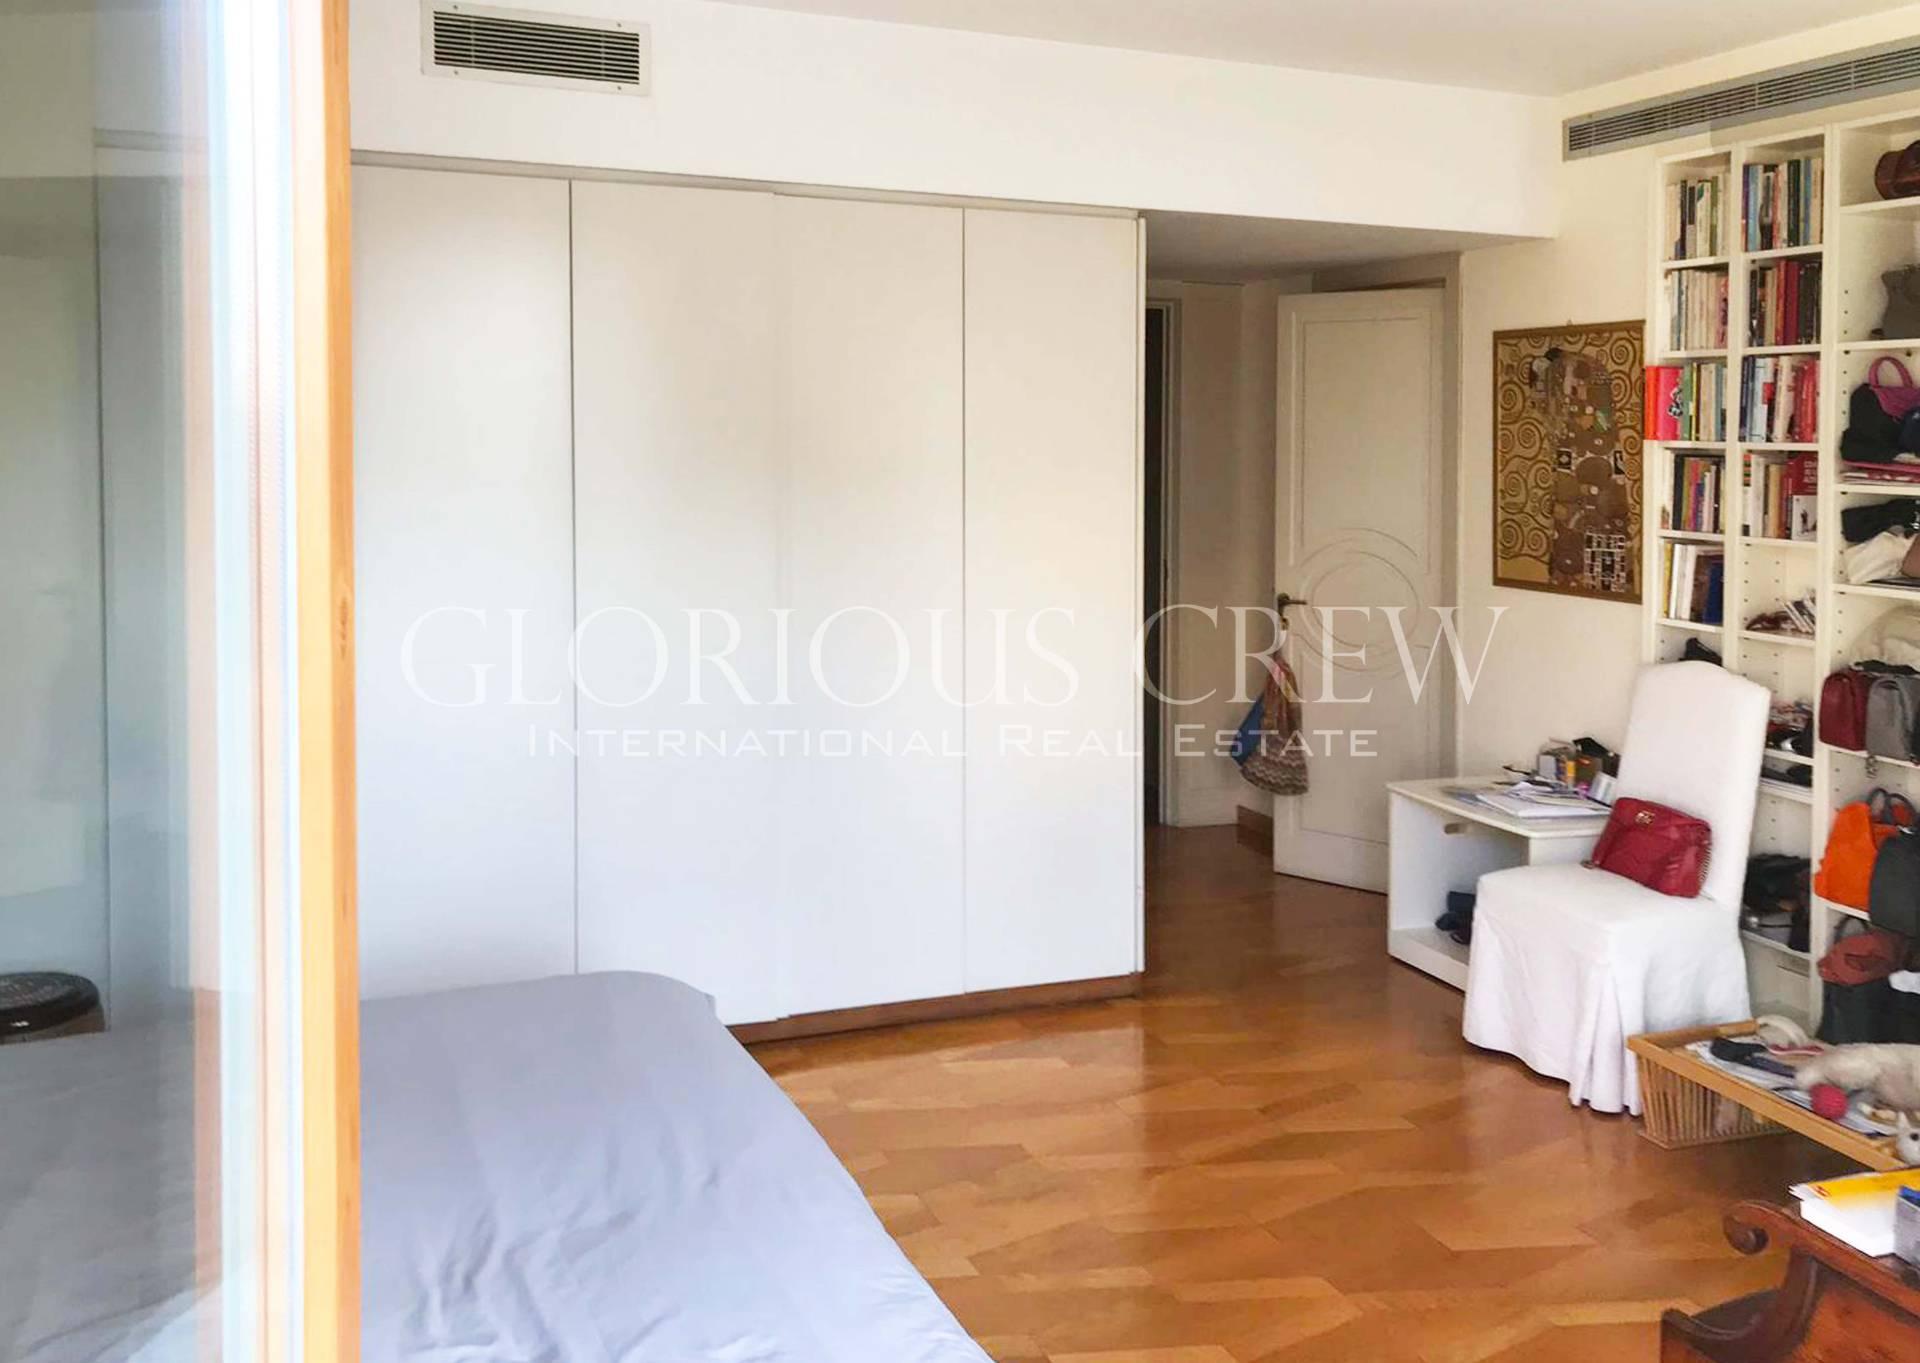 Appartamento in Vendita a Milano: 5 locali, 215 mq - Foto 4